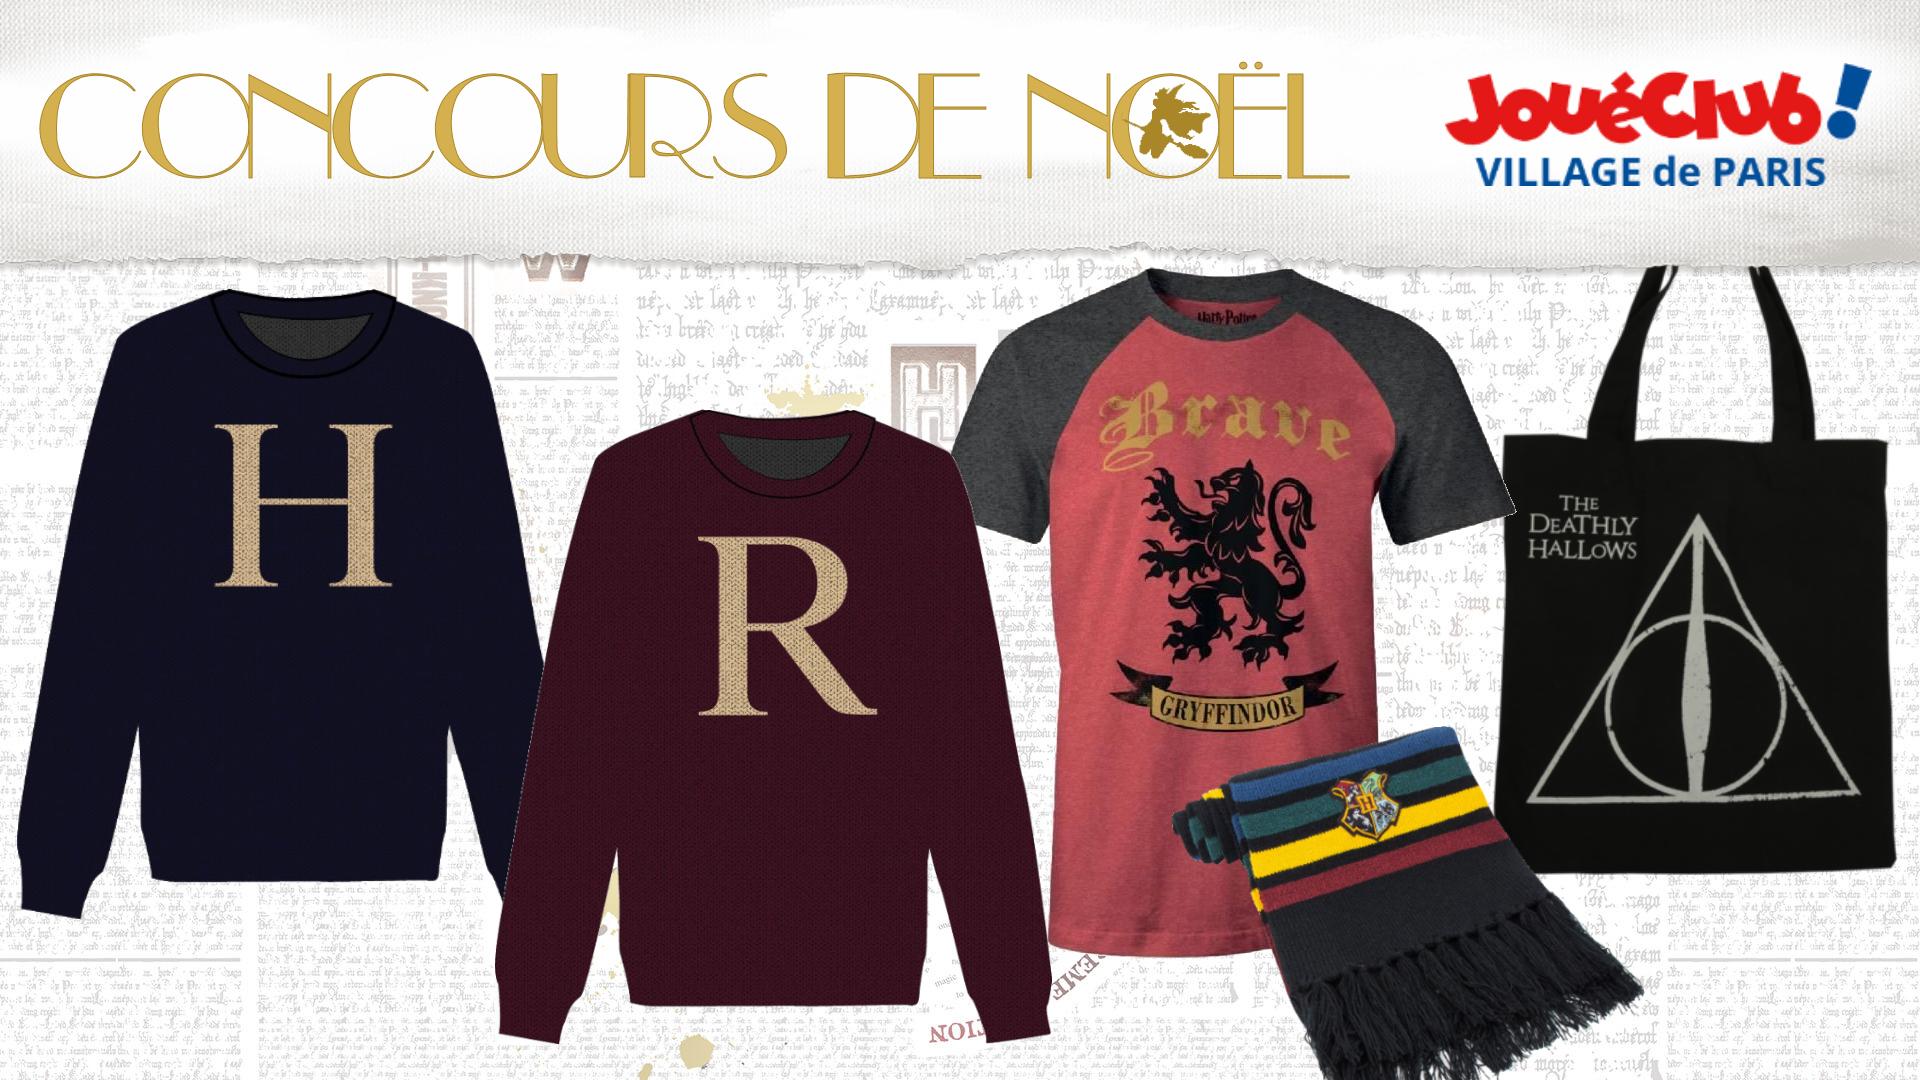 banner_concours_noel_joueclub.jpg